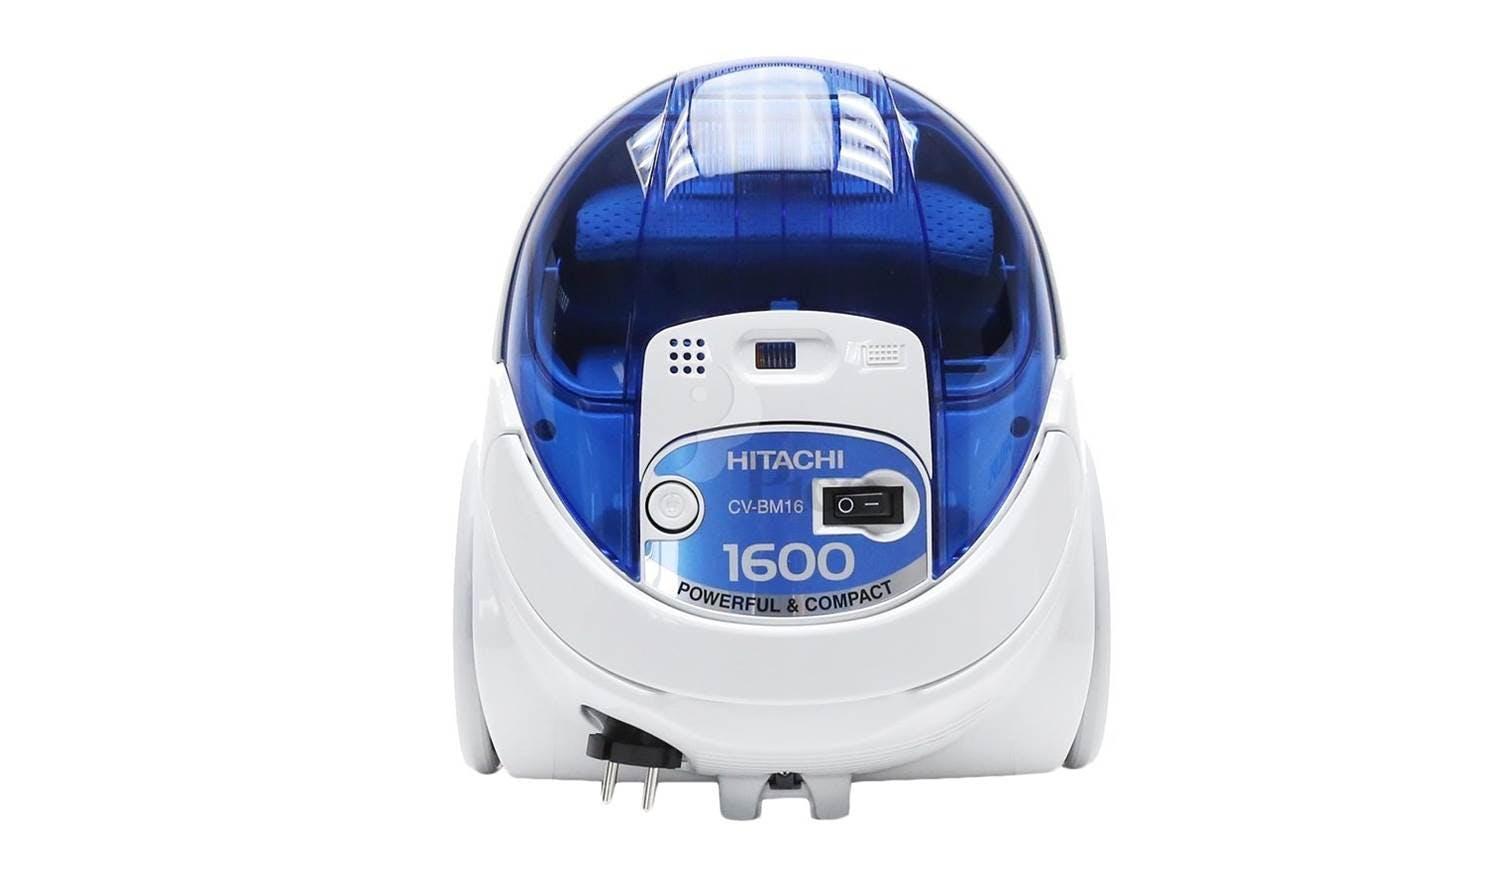 Hitachi CV-BM16 Vacuum Cleaner